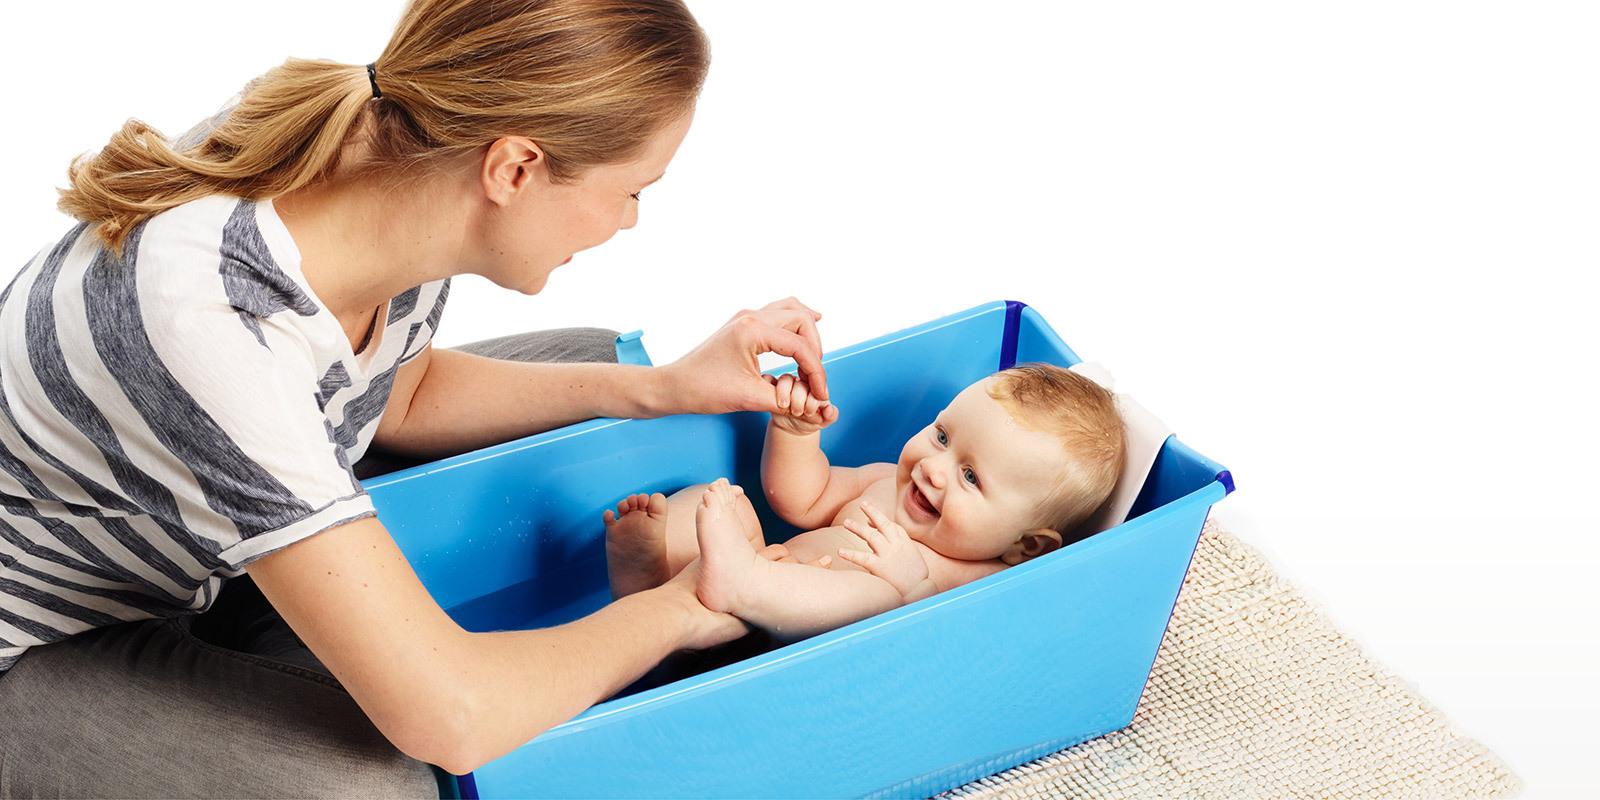 Stokke Flexi Bath Newborn Support for Foldable Baby Bath Tub ...